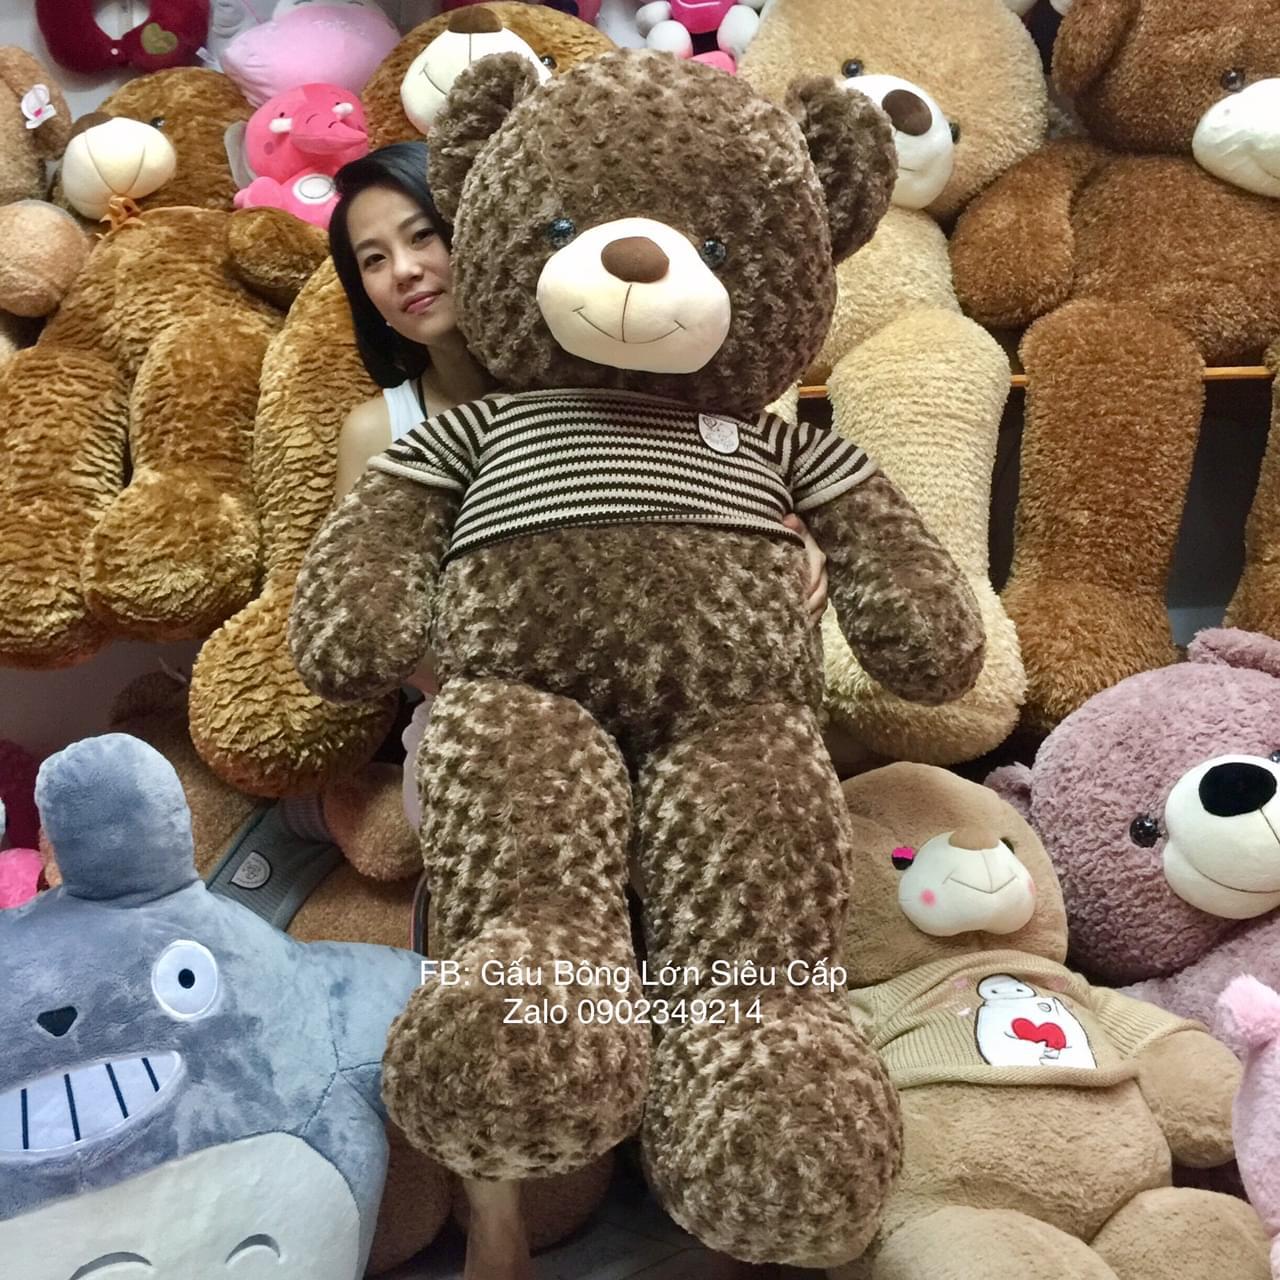 Gấu bông lông xoắn 1m5